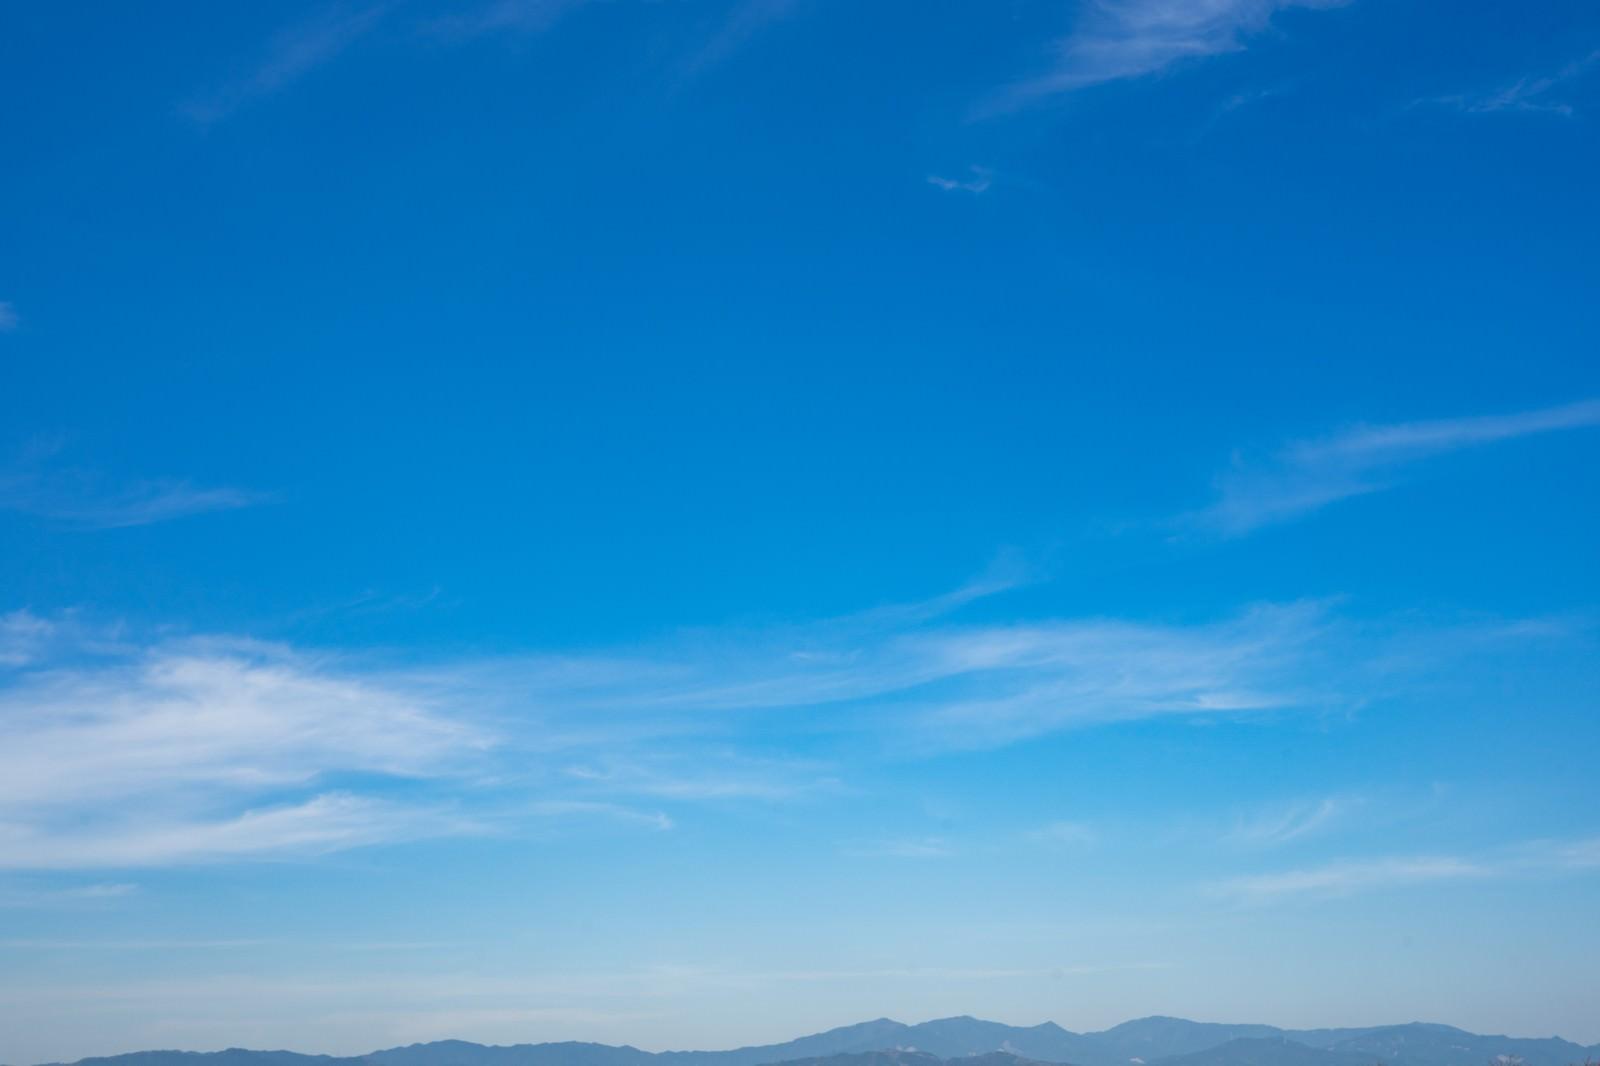 「山が青く見えるので晴れ山が青く見えるので晴れ」のフリー写真素材を拡大